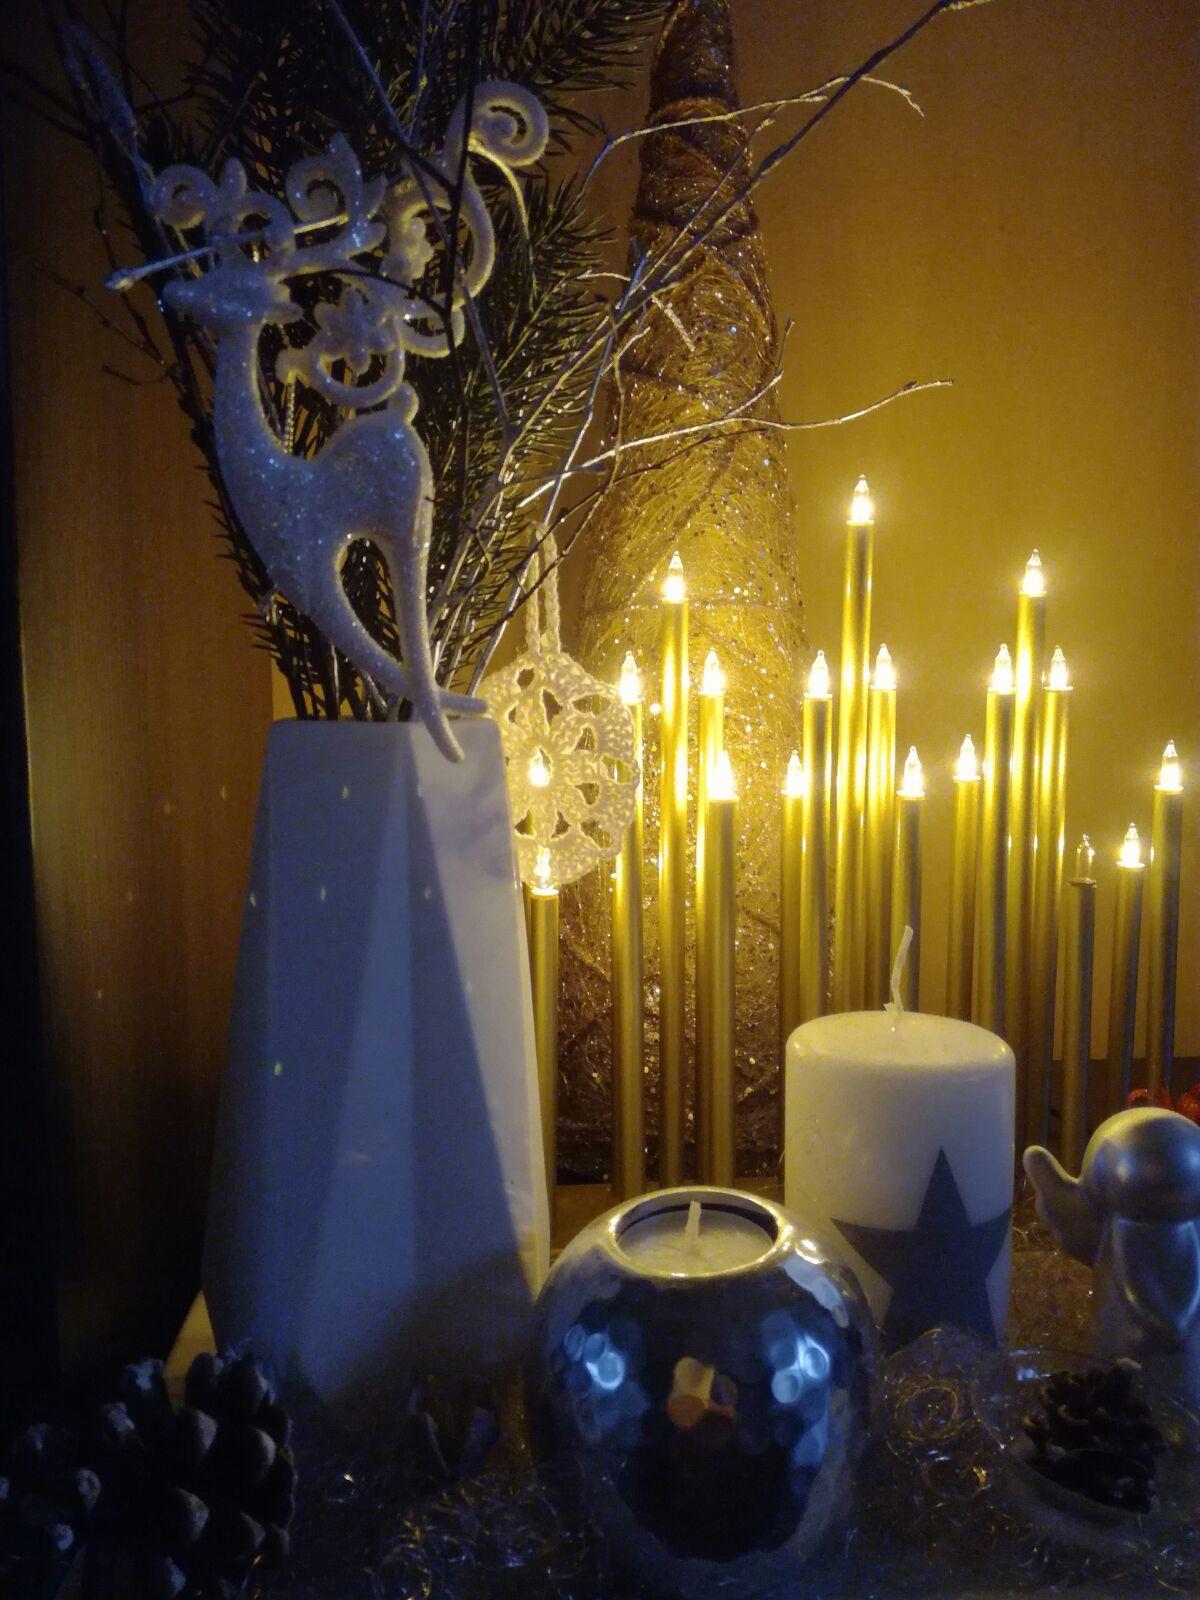 ...vánoční čas v roce 2020🌲🌲🌲❤ - Obrázek č. 22